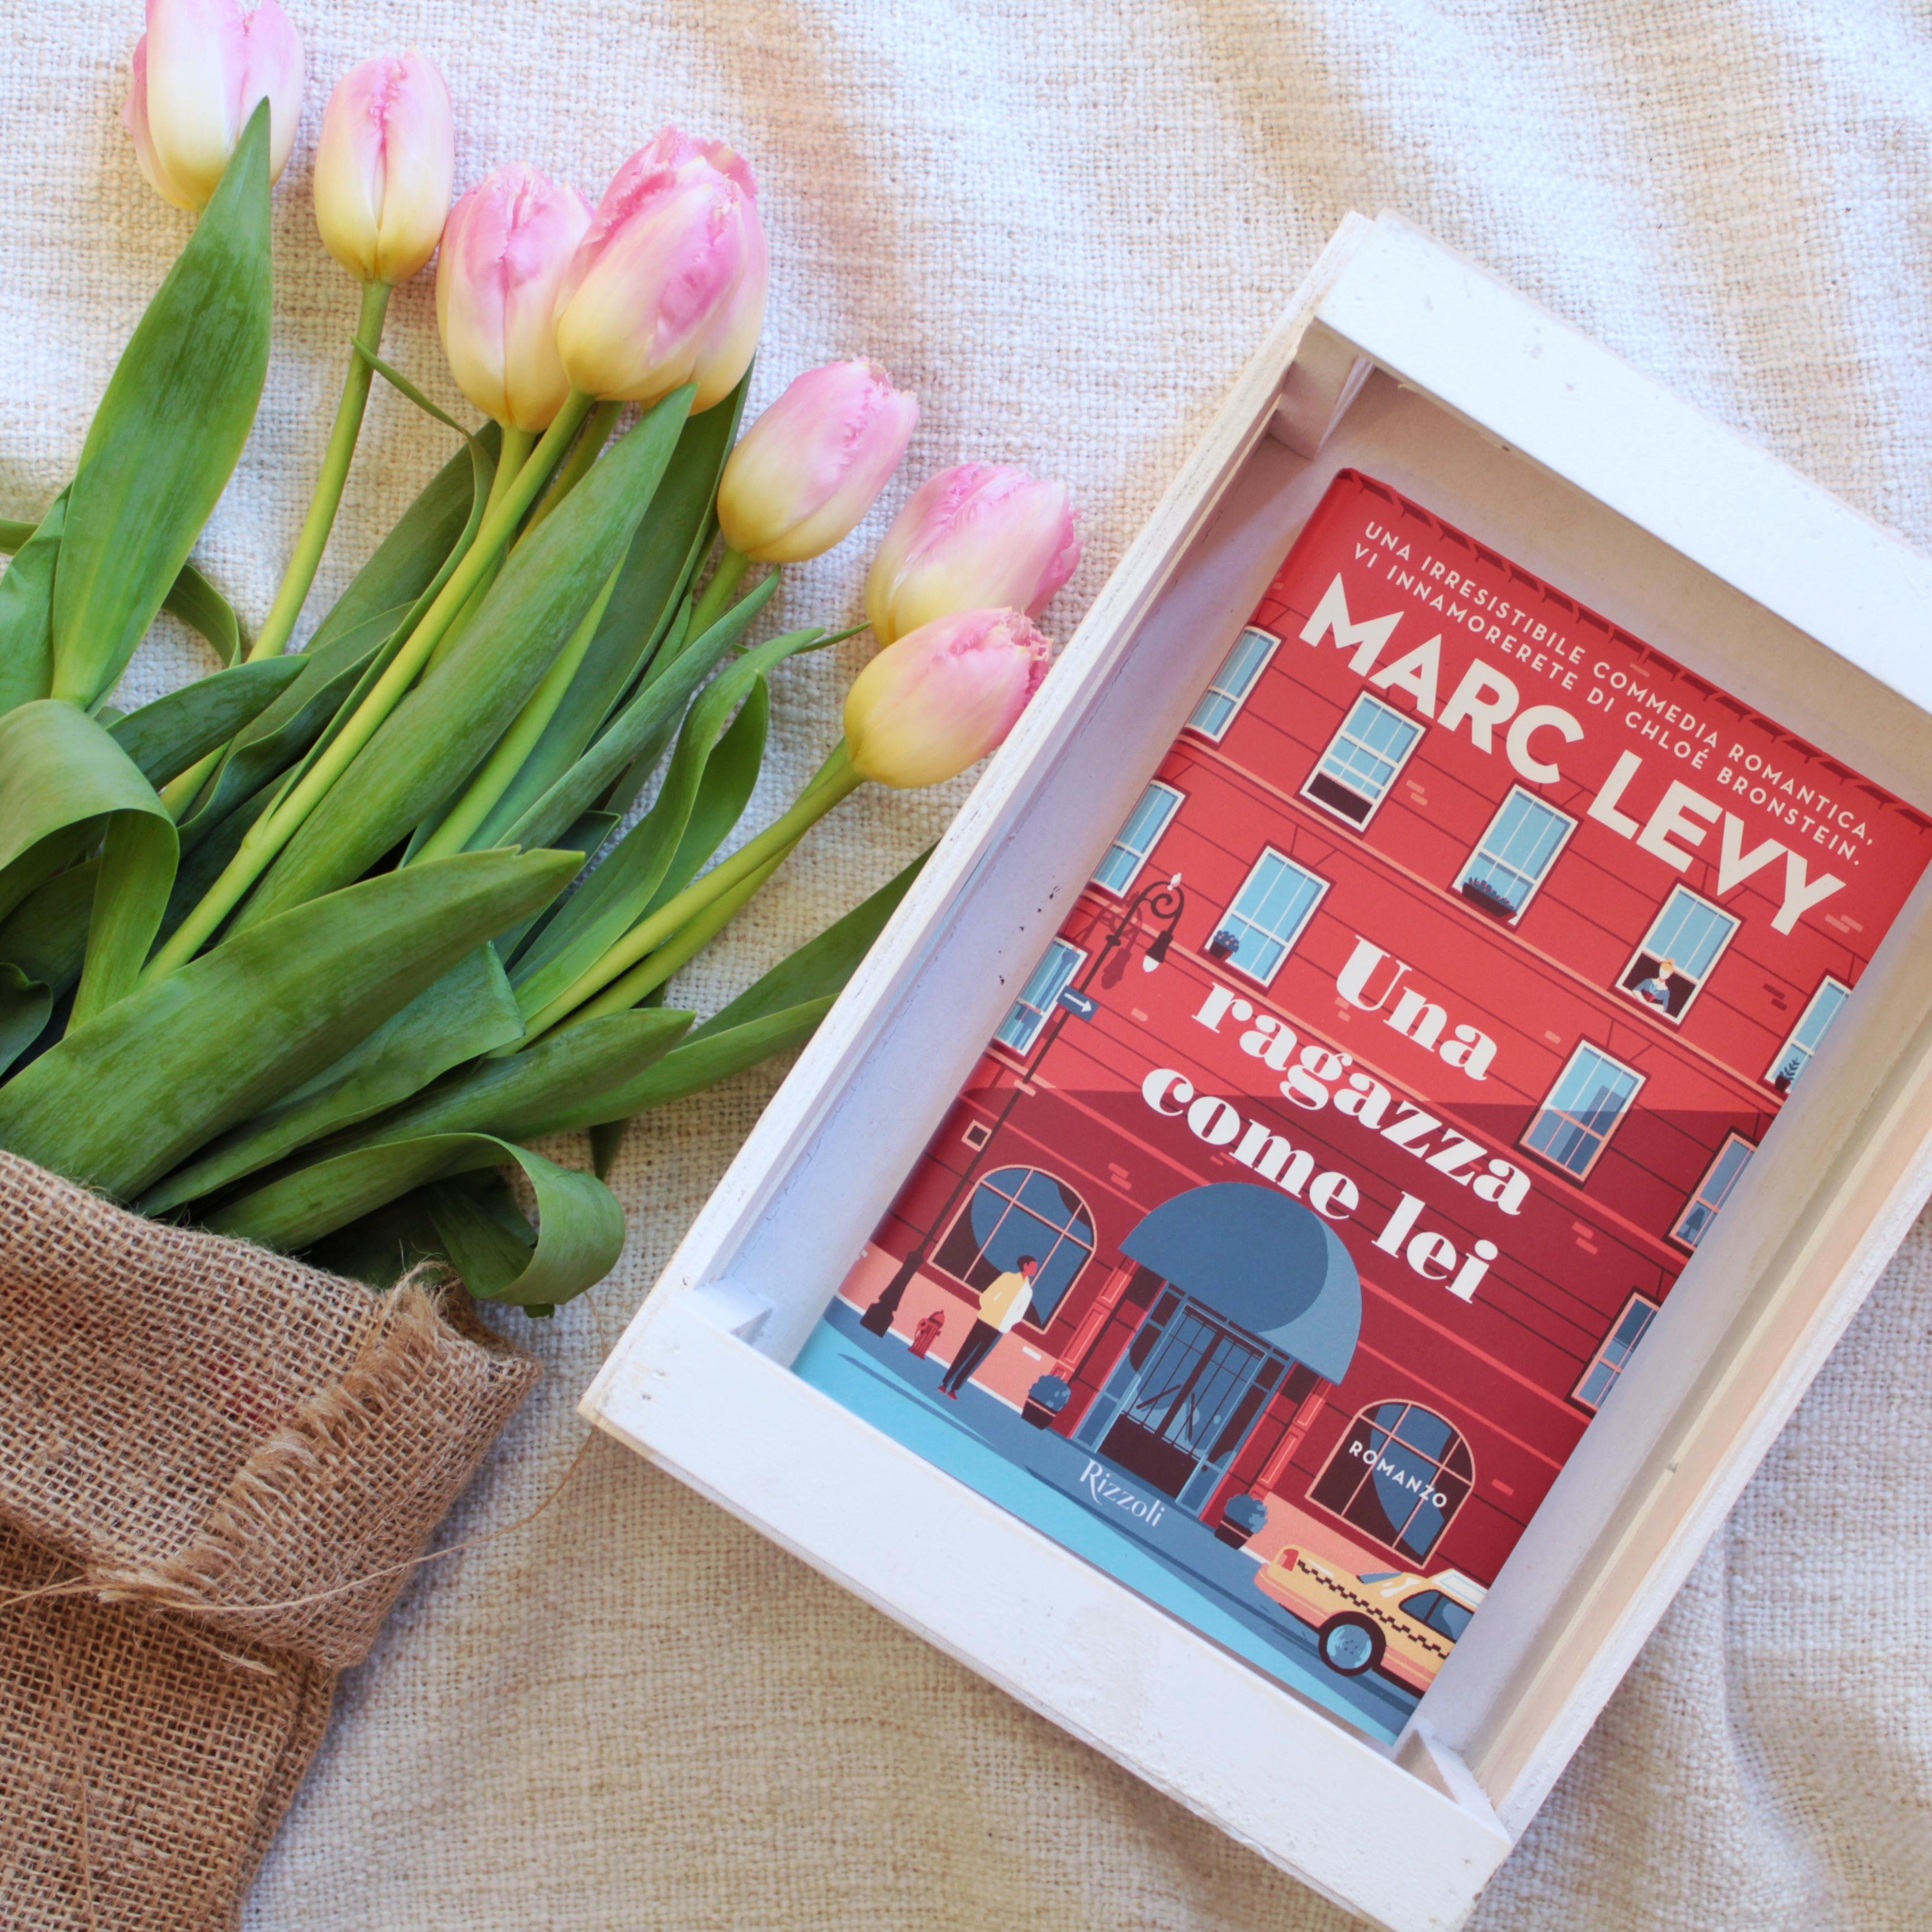 Una ragazza come lei, Marc Levy, Romanzo, storia d'amore, Rizzoli, Se solo fosse vero, New York, Commedia romantica, Sorrisi, Emozioni